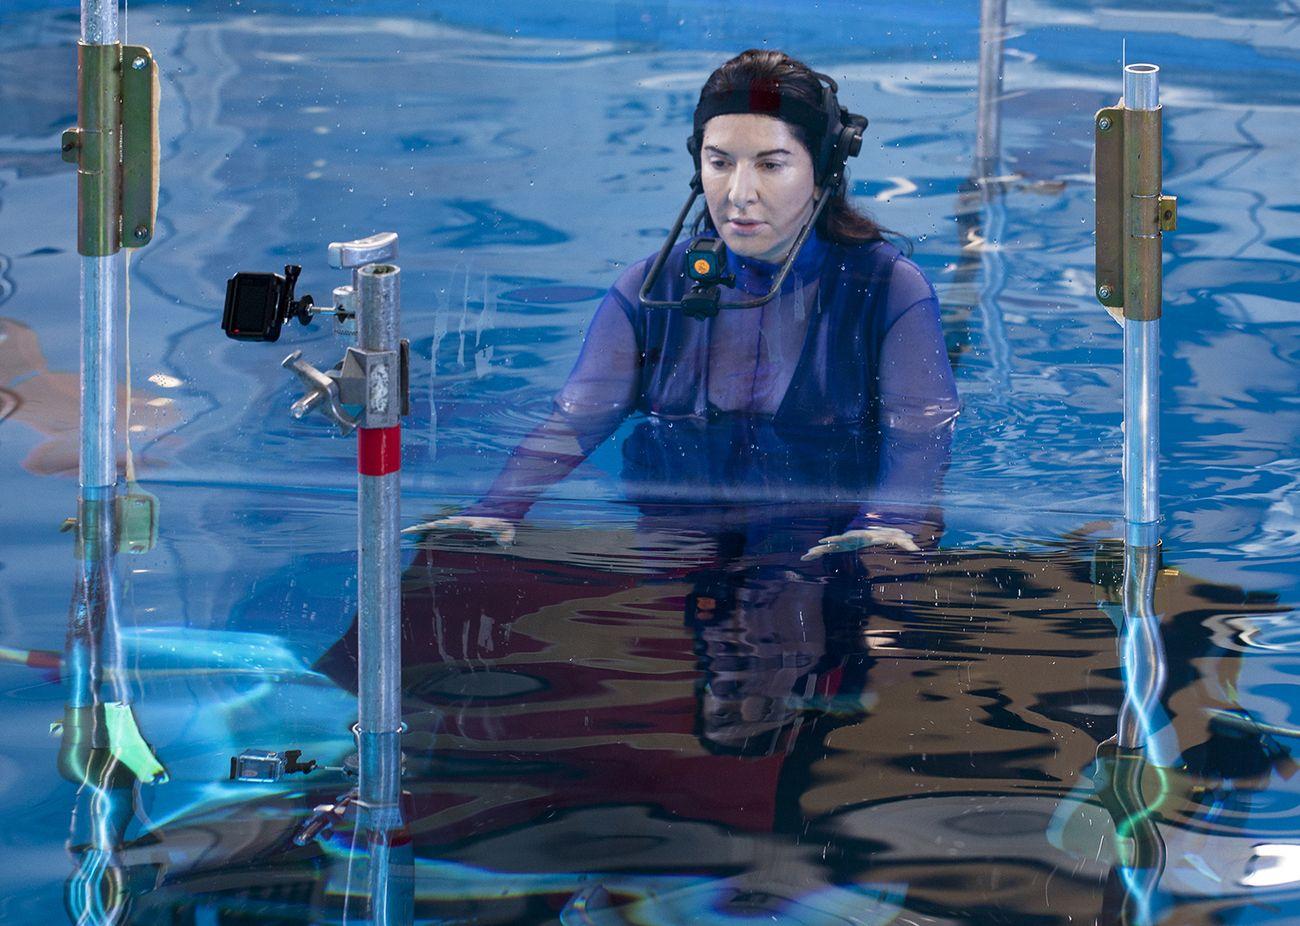 Renata Morales e Marina Abramović in mostra a Venezia